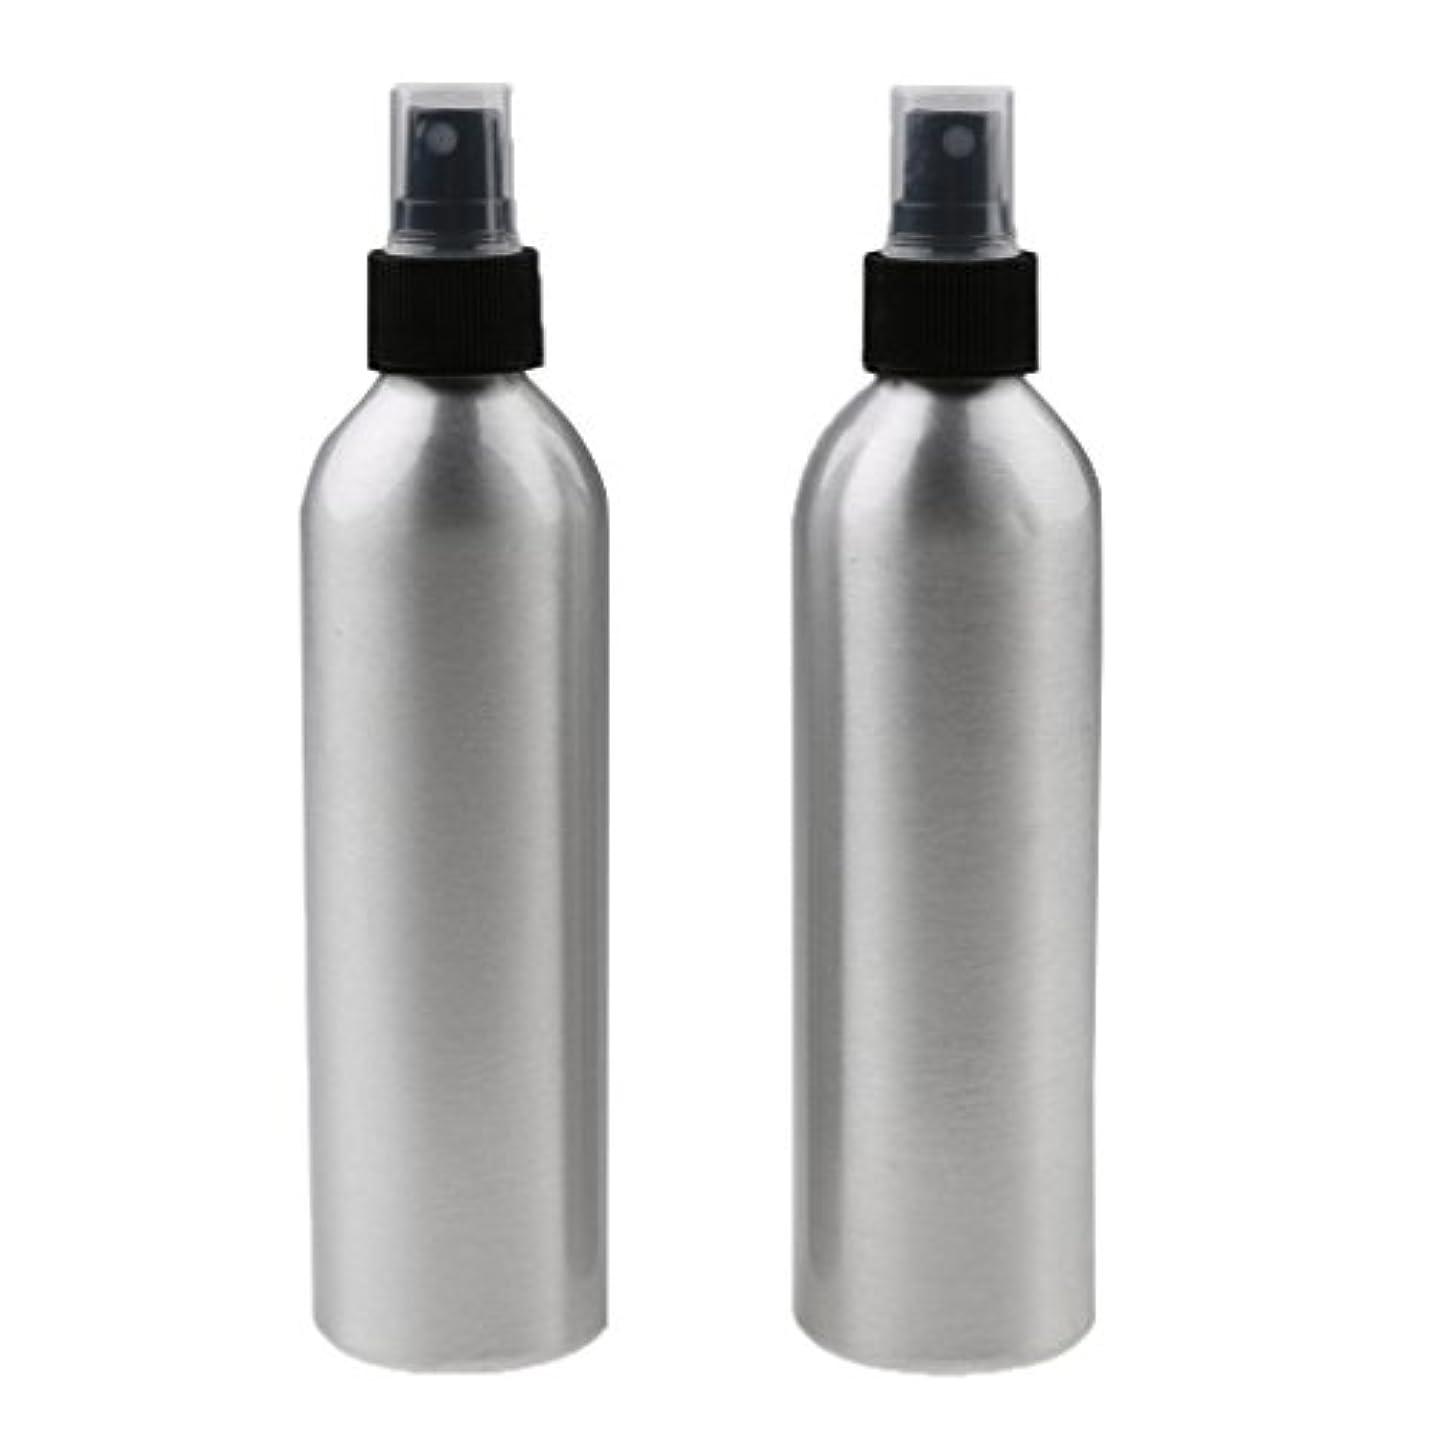 地上の工夫する気晴らしSONONIA 2個入り 旅行 アルミ ミスト スプレー 香水ボトル メイクアップ スプレー アトマイザー 小分けボトル  漏れ防止 出張 海外旅行用 全4サイズ - 100ml